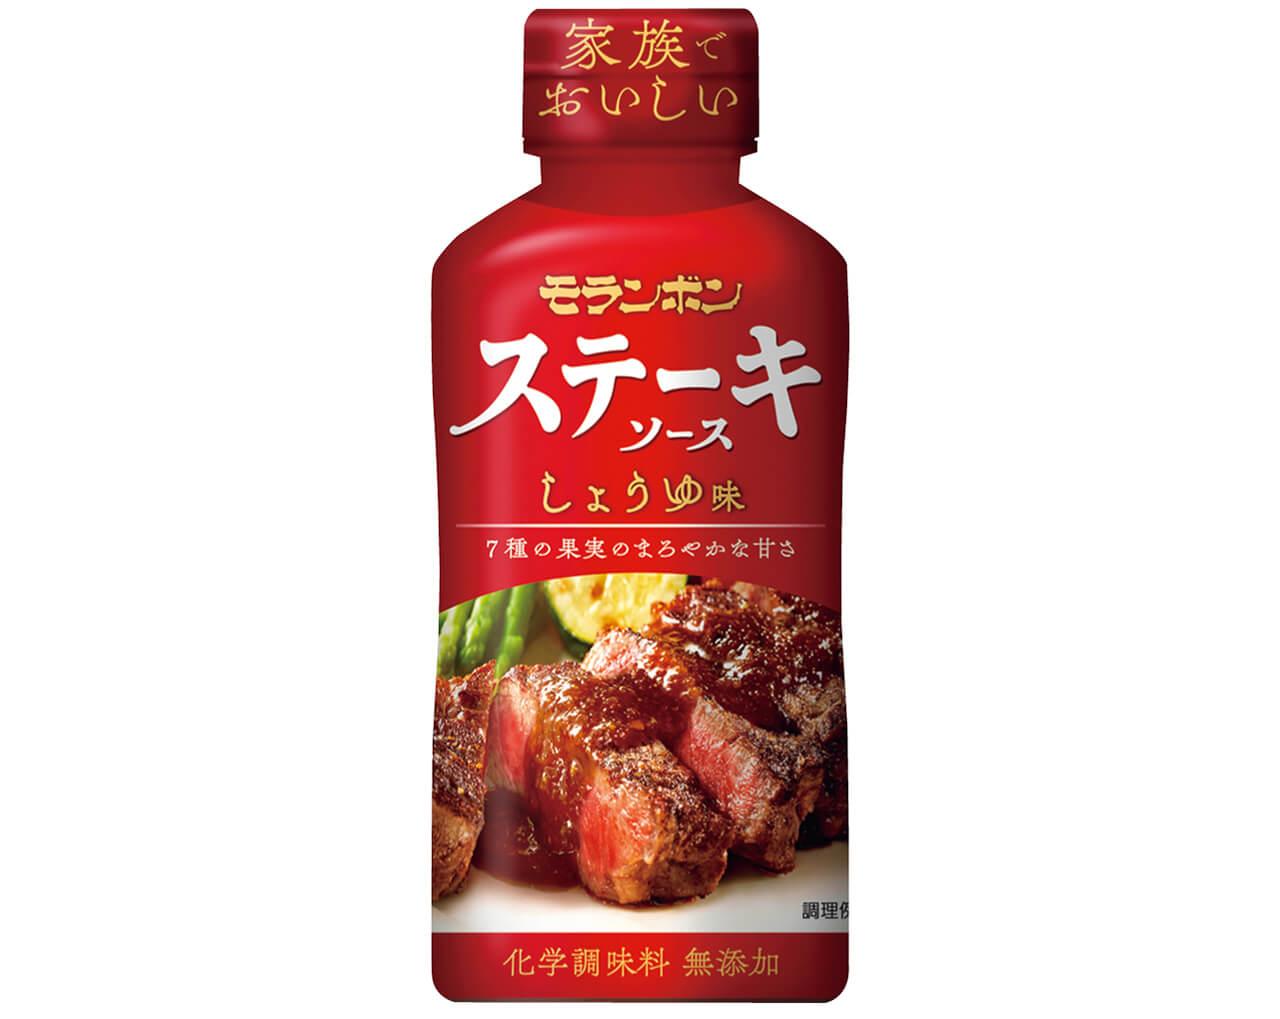 「ステーキソース」しょうゆ味 ほか/モランボン